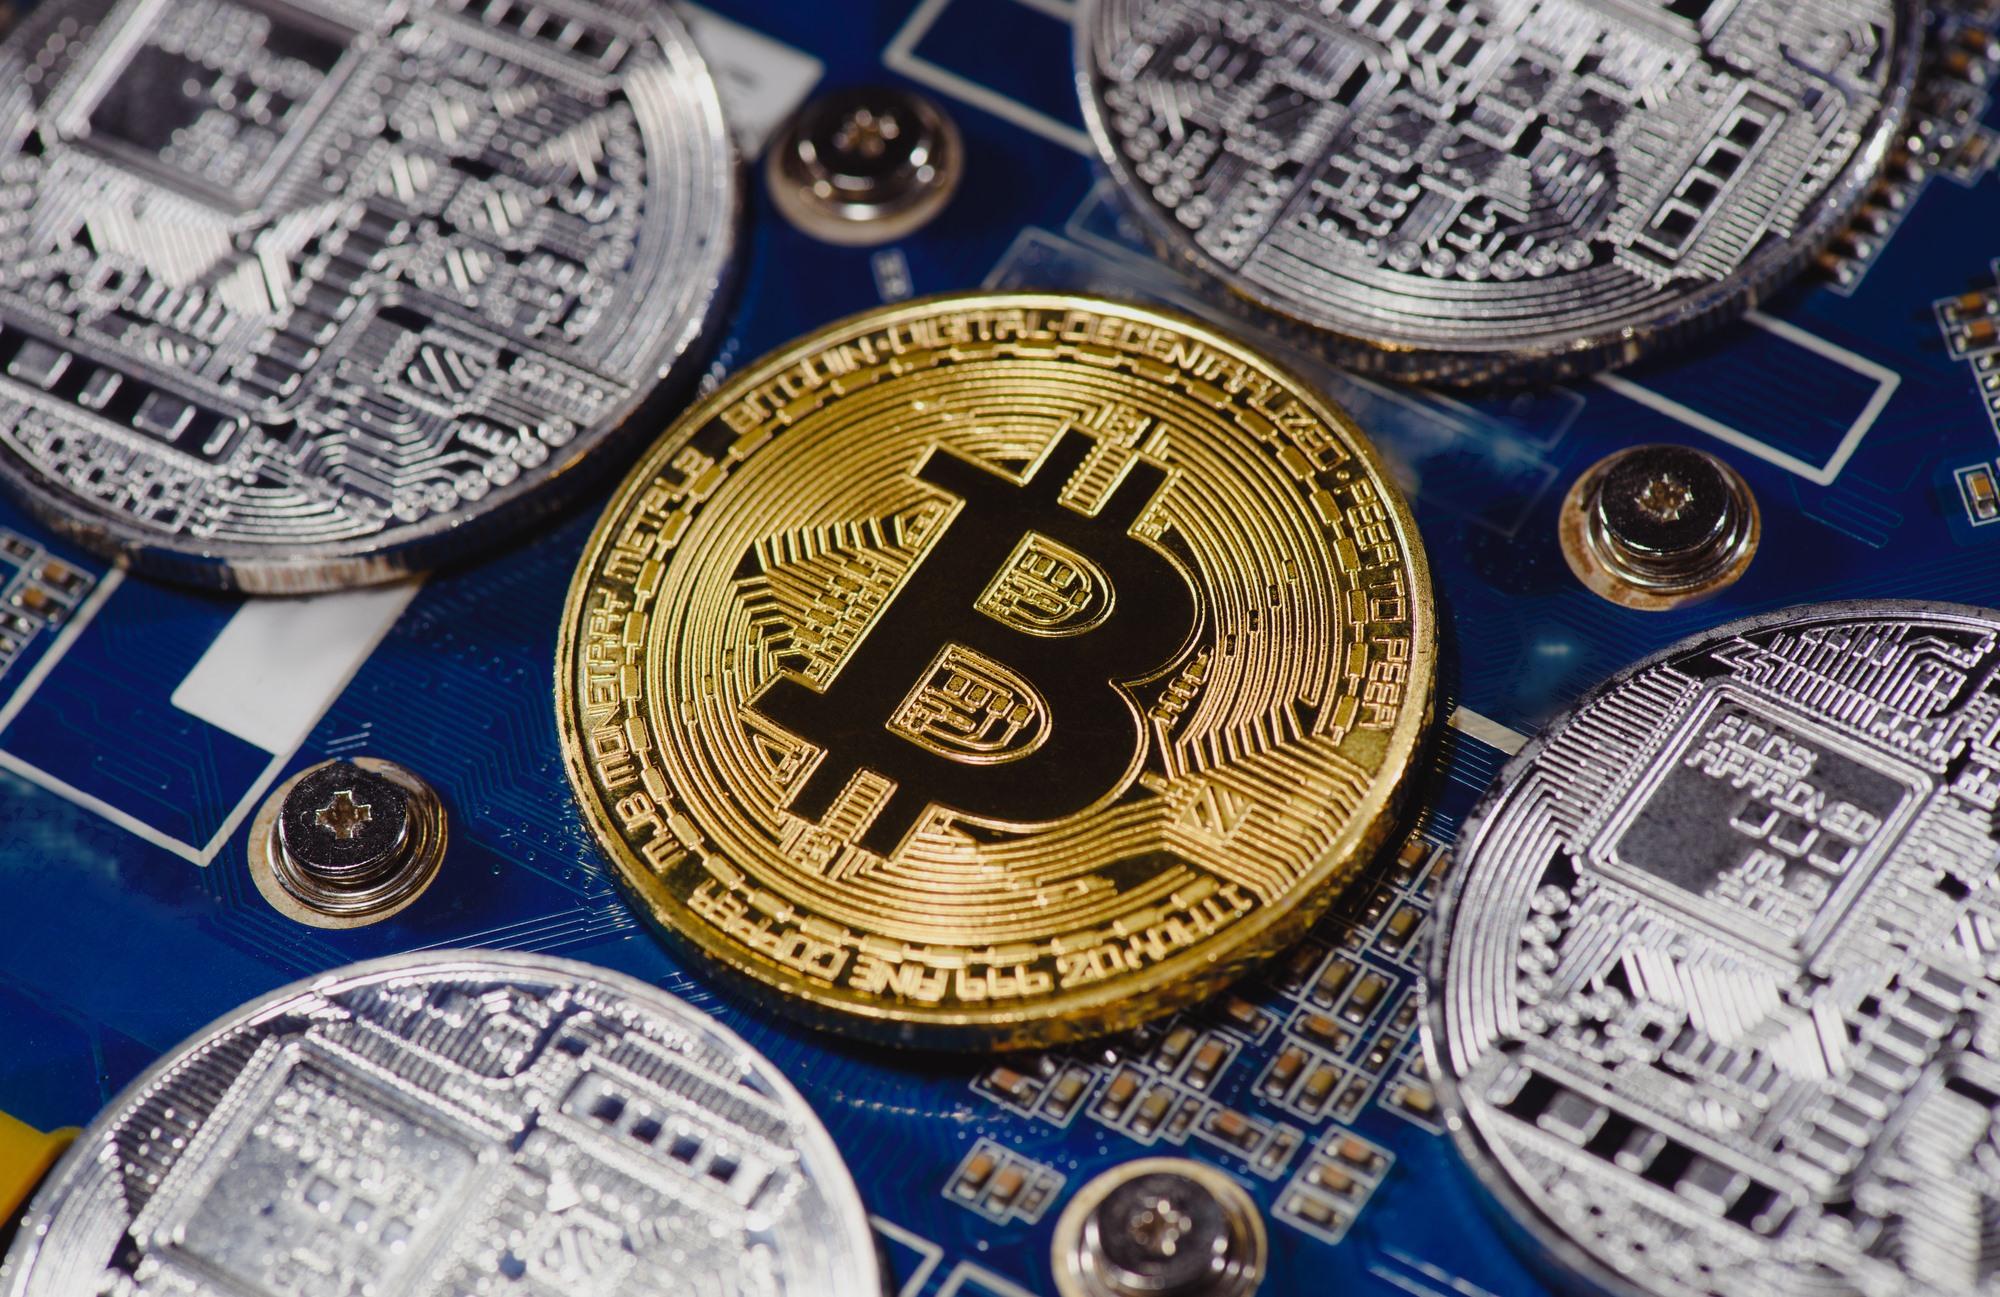 Convertiți Bitcoin Cash (BCH) şi Dolari Americani (USD): Calculator schimb valutar